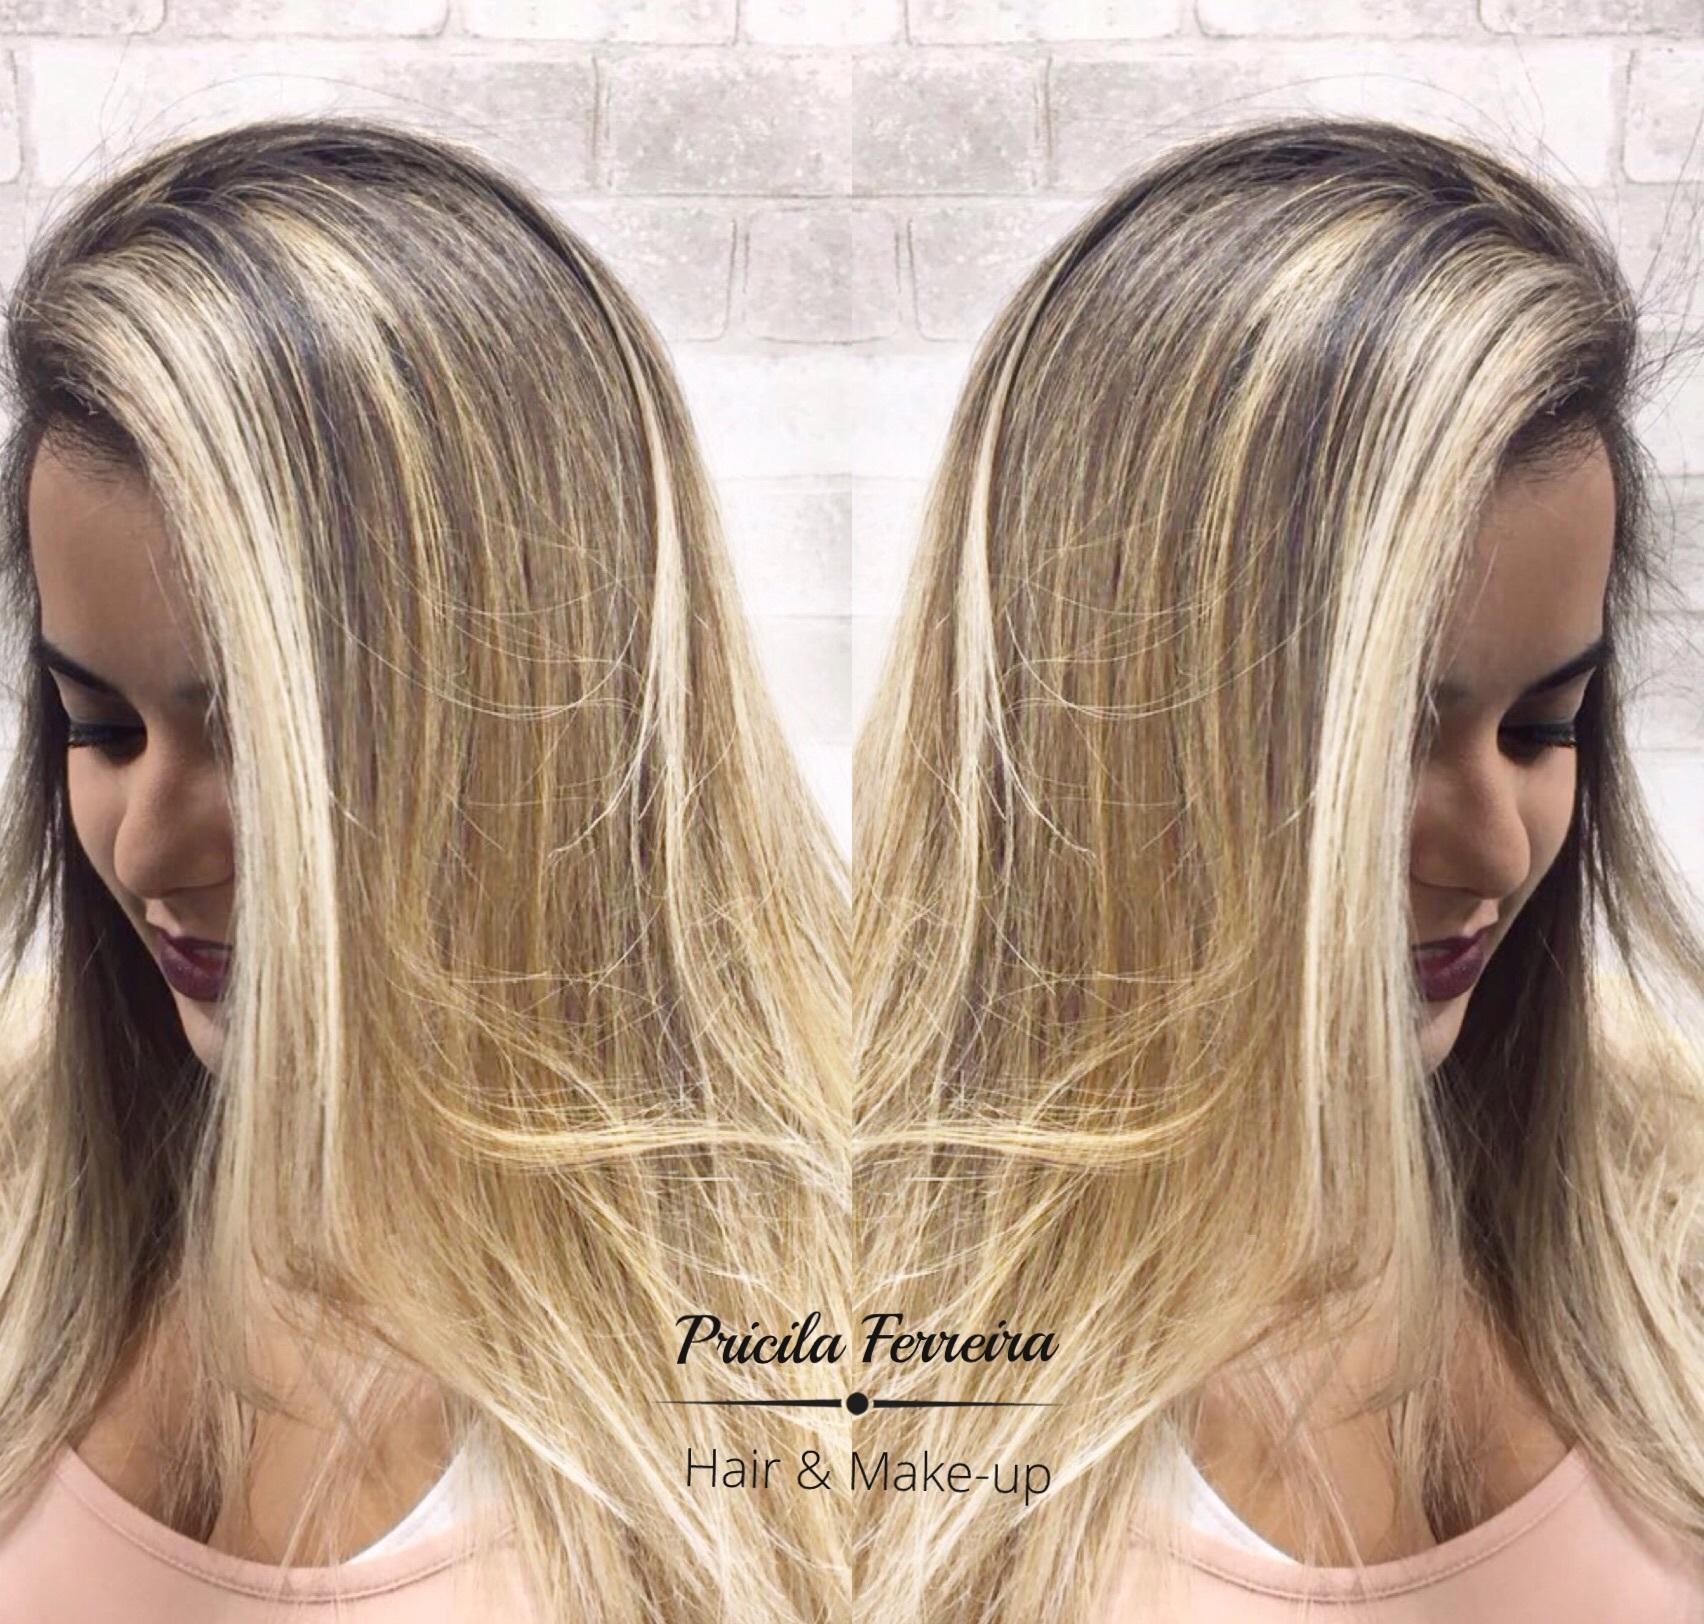 Loiro perfeito By Pricila Ferreira @pricilagfhair #loiros #loirodosonhos #luzes #mechas #ombrehair #hair #loirodivo #platinado cabelo cabeleireiro(a) maquiador(a) designer de sobrancelhas